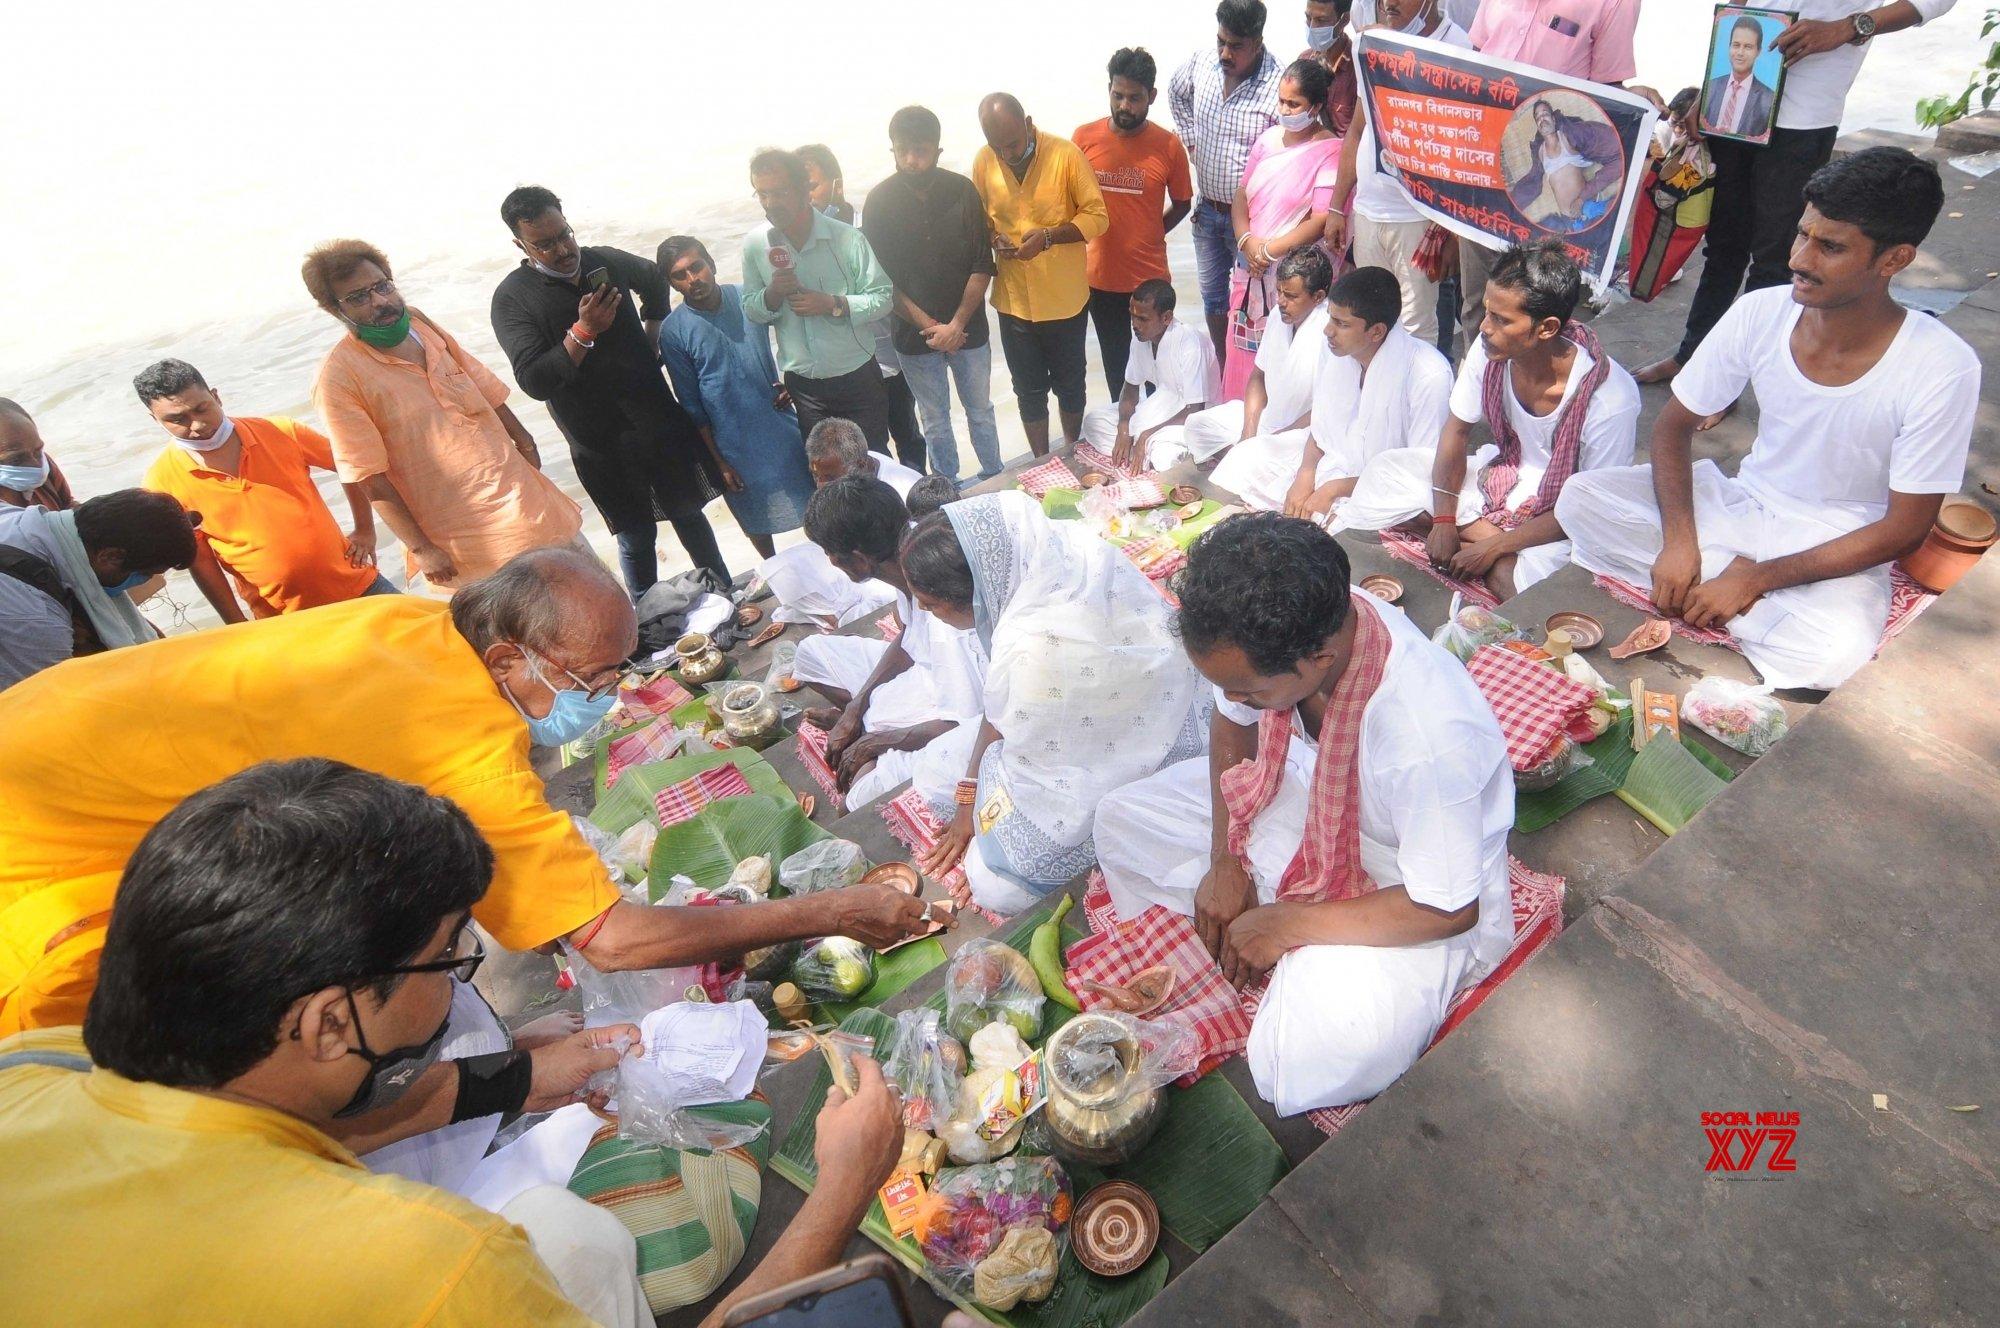 Kolkata: Family members of deceased BJP workers perform 'tarpan' at Golabari ghat #Gallery